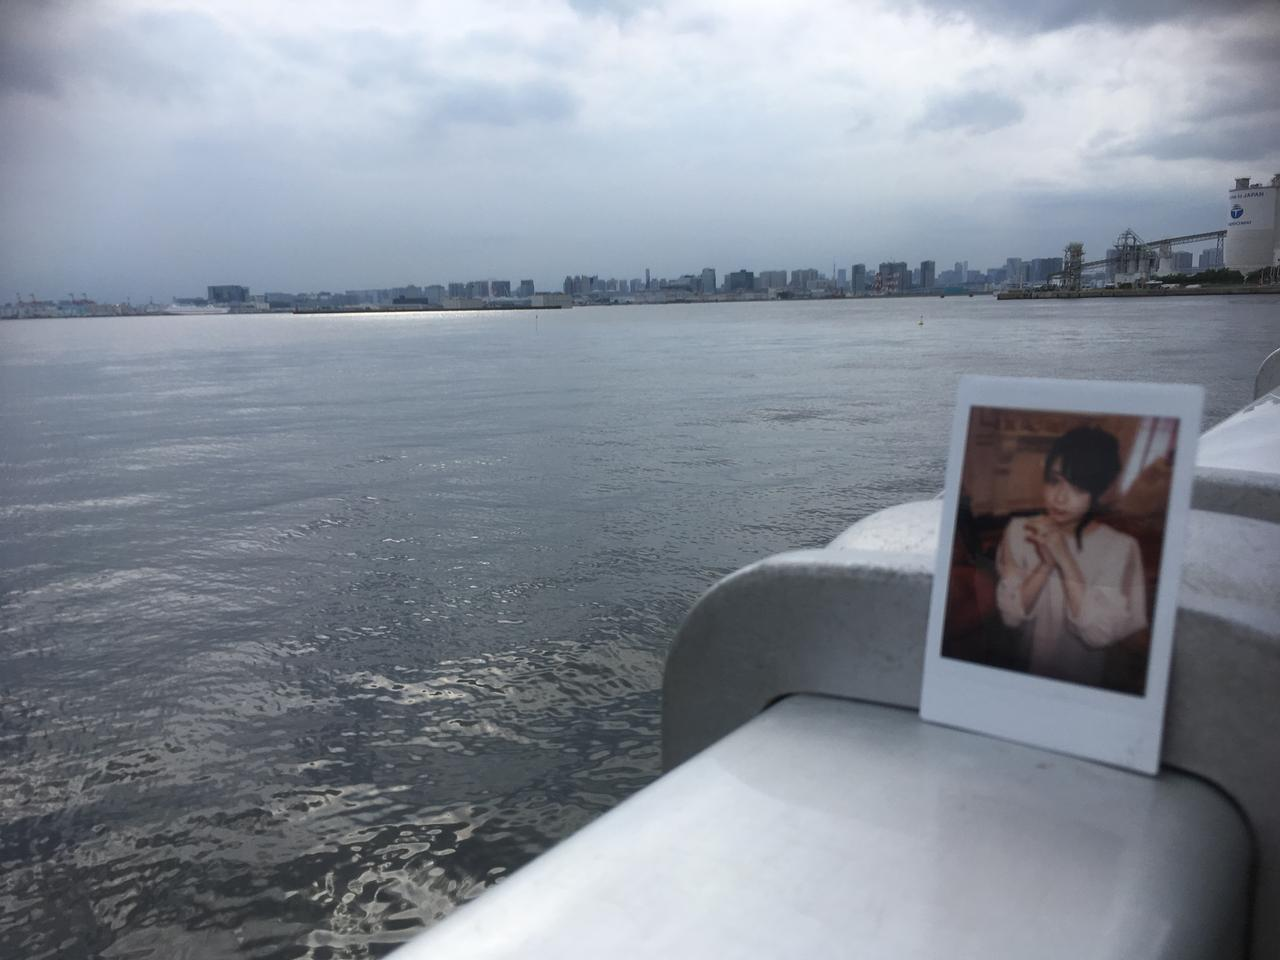 画像: 筆者撮影 ※海釣り施設から北西方向対岸を望む風景と妖精きゃなちゃん